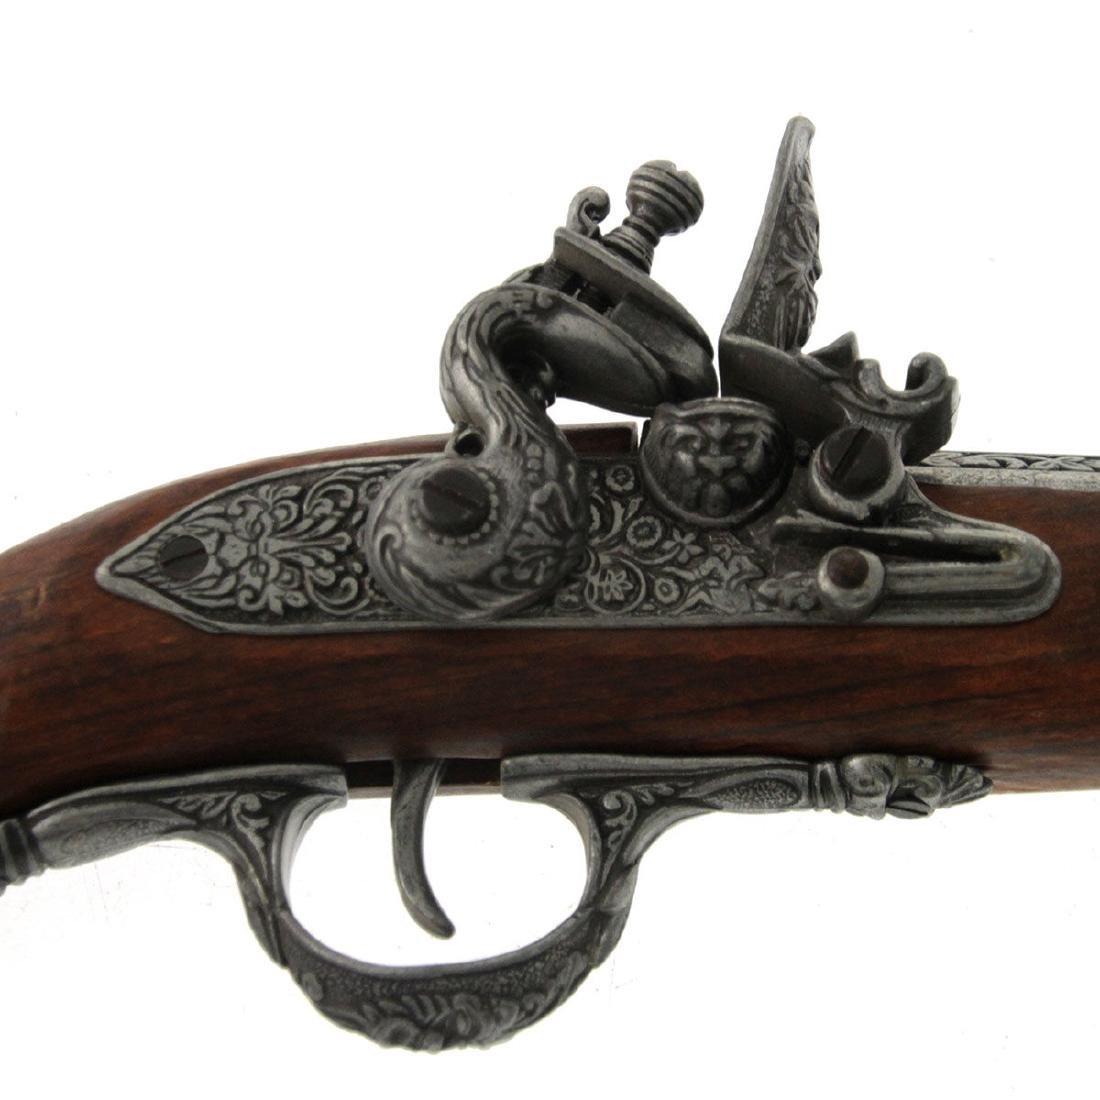 Flintlock Pistol Replica. - 4